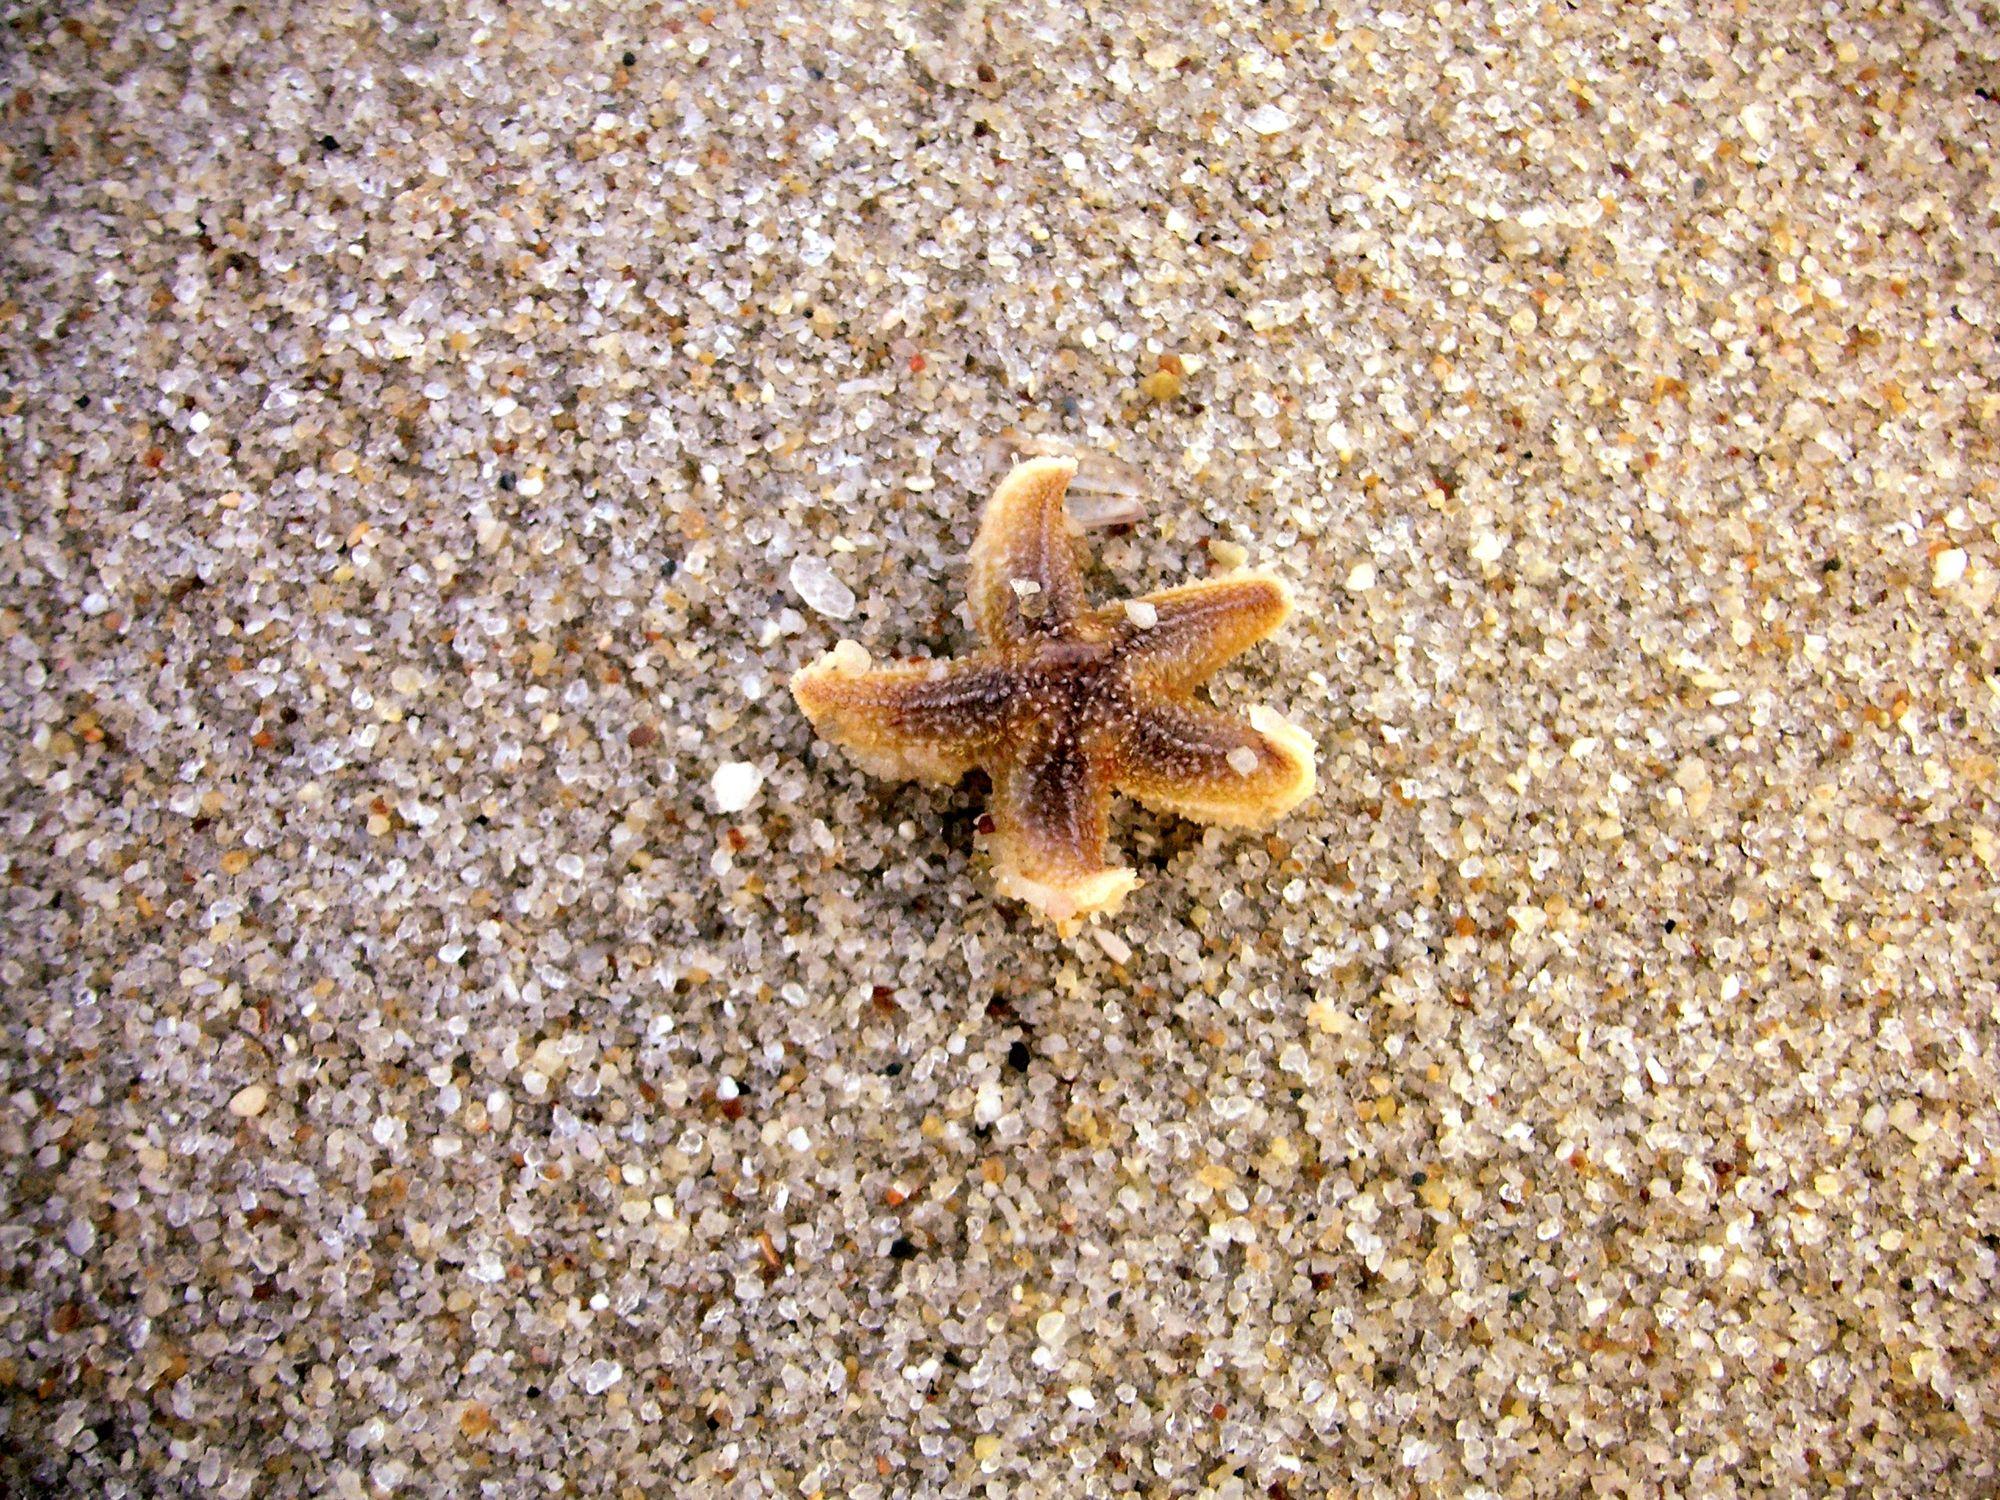 Bild mit Tiere, Materialien, Stein, Sand, Seestern, Sterne